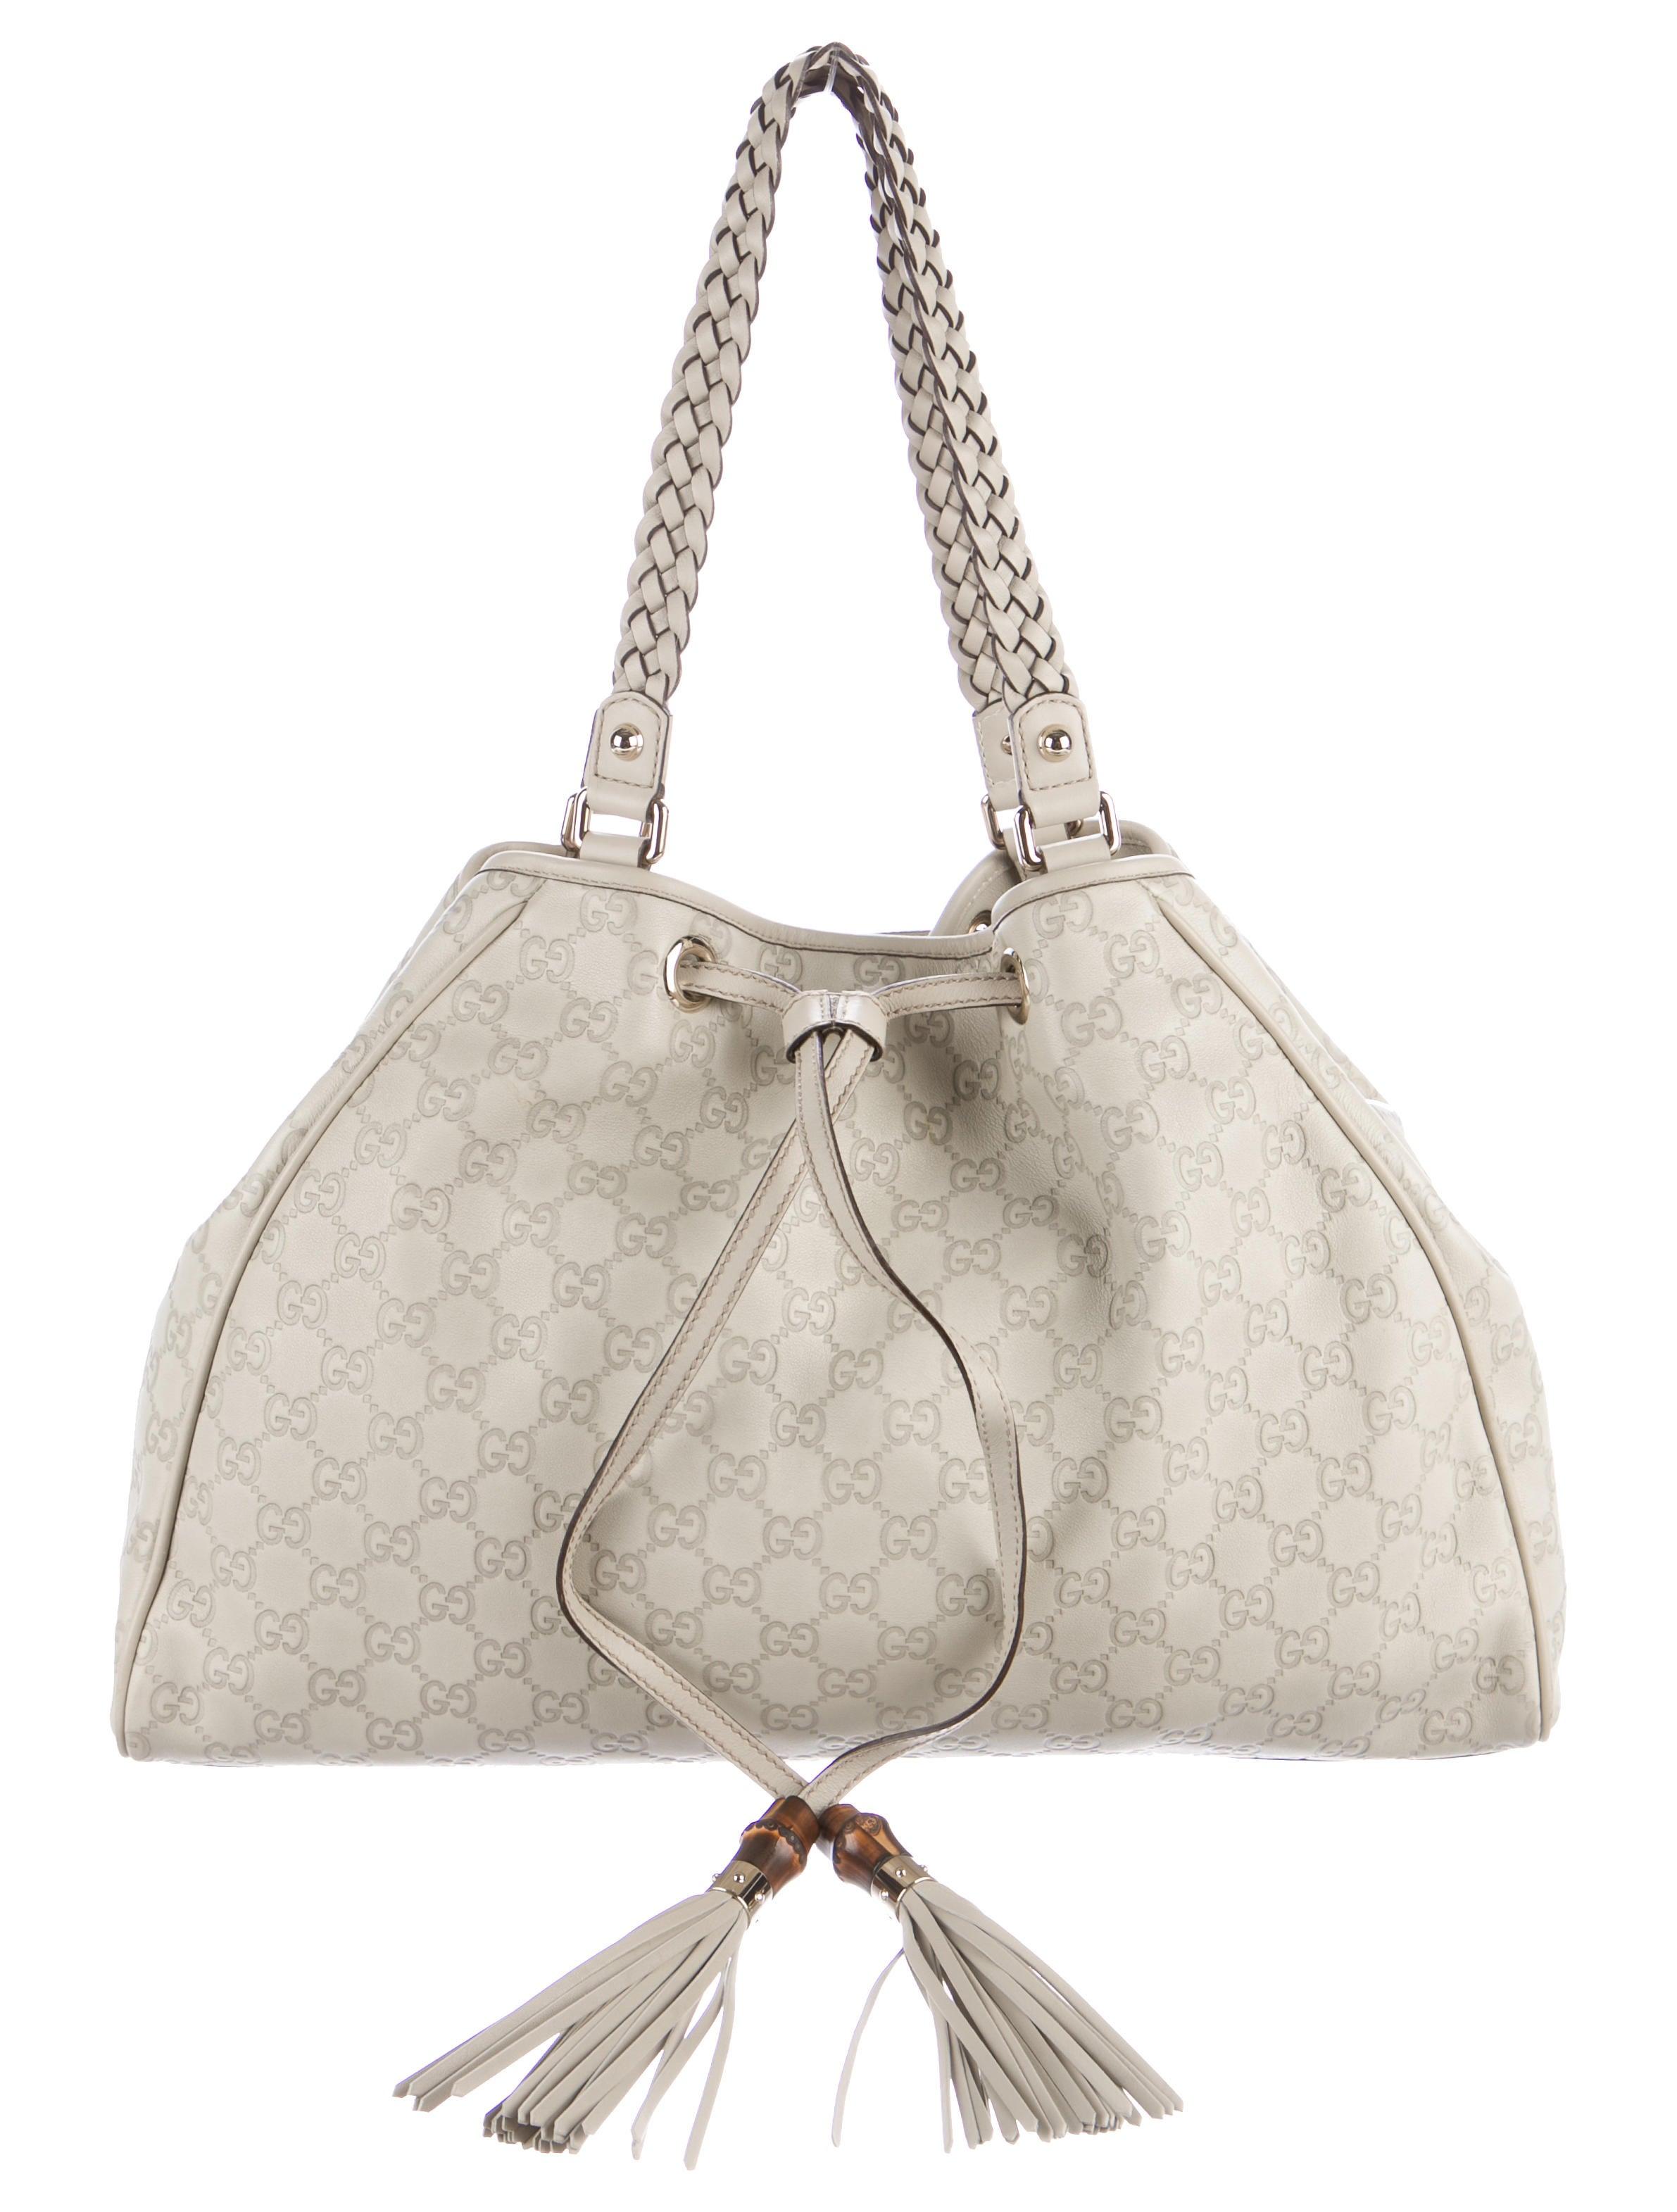 0fda1f4b5f6e Gucci Guccissima Peggy Bamboo Tote - Handbags - GUC161101 | The RealReal